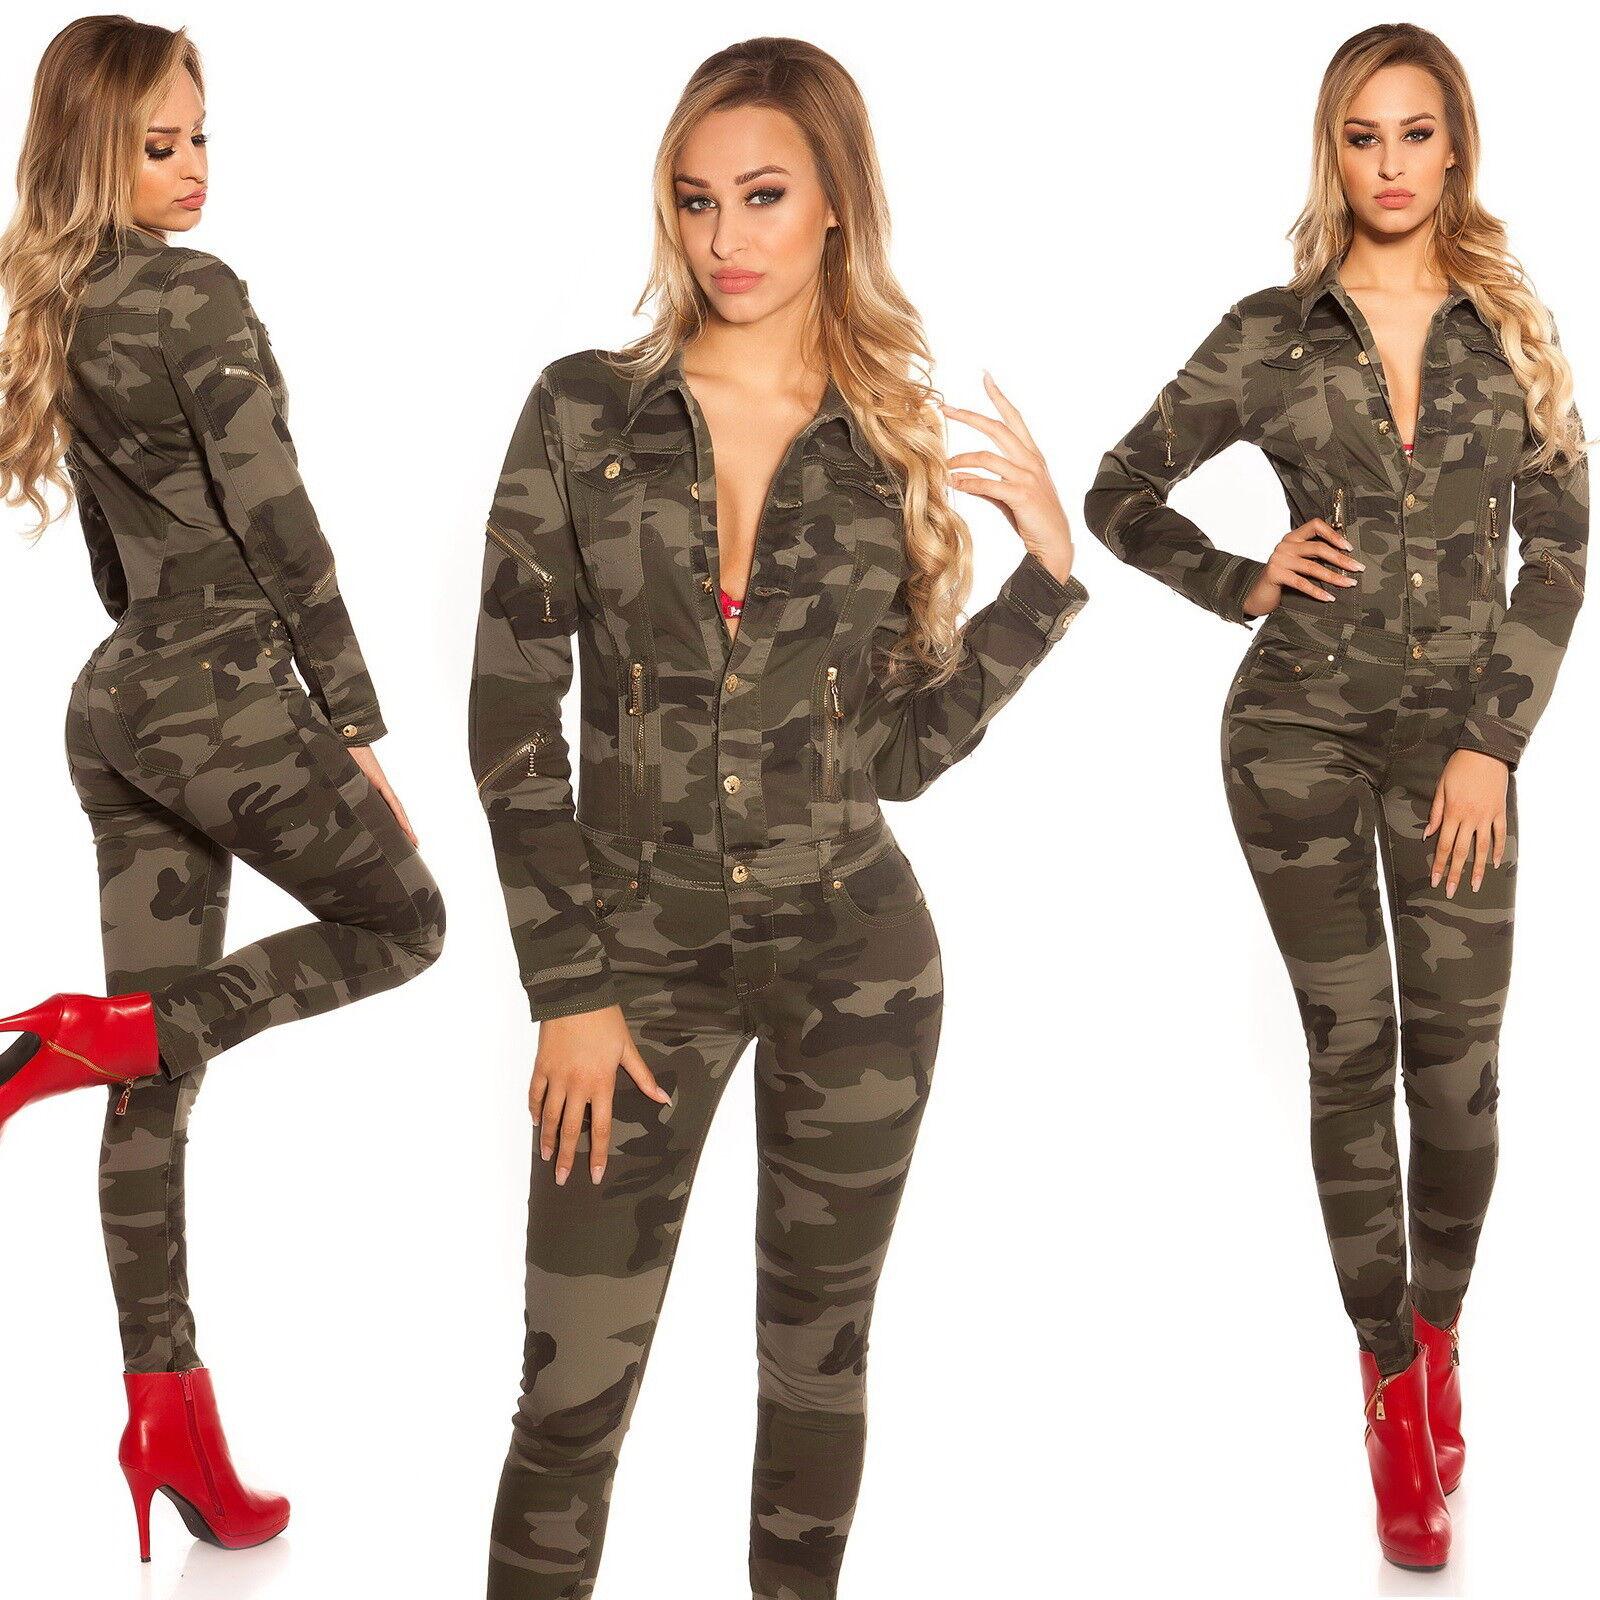 067c91f1ead Details about Women s Camouflage Long Sleeve Denim Jeans Jumpsuit -  XS S M L XL